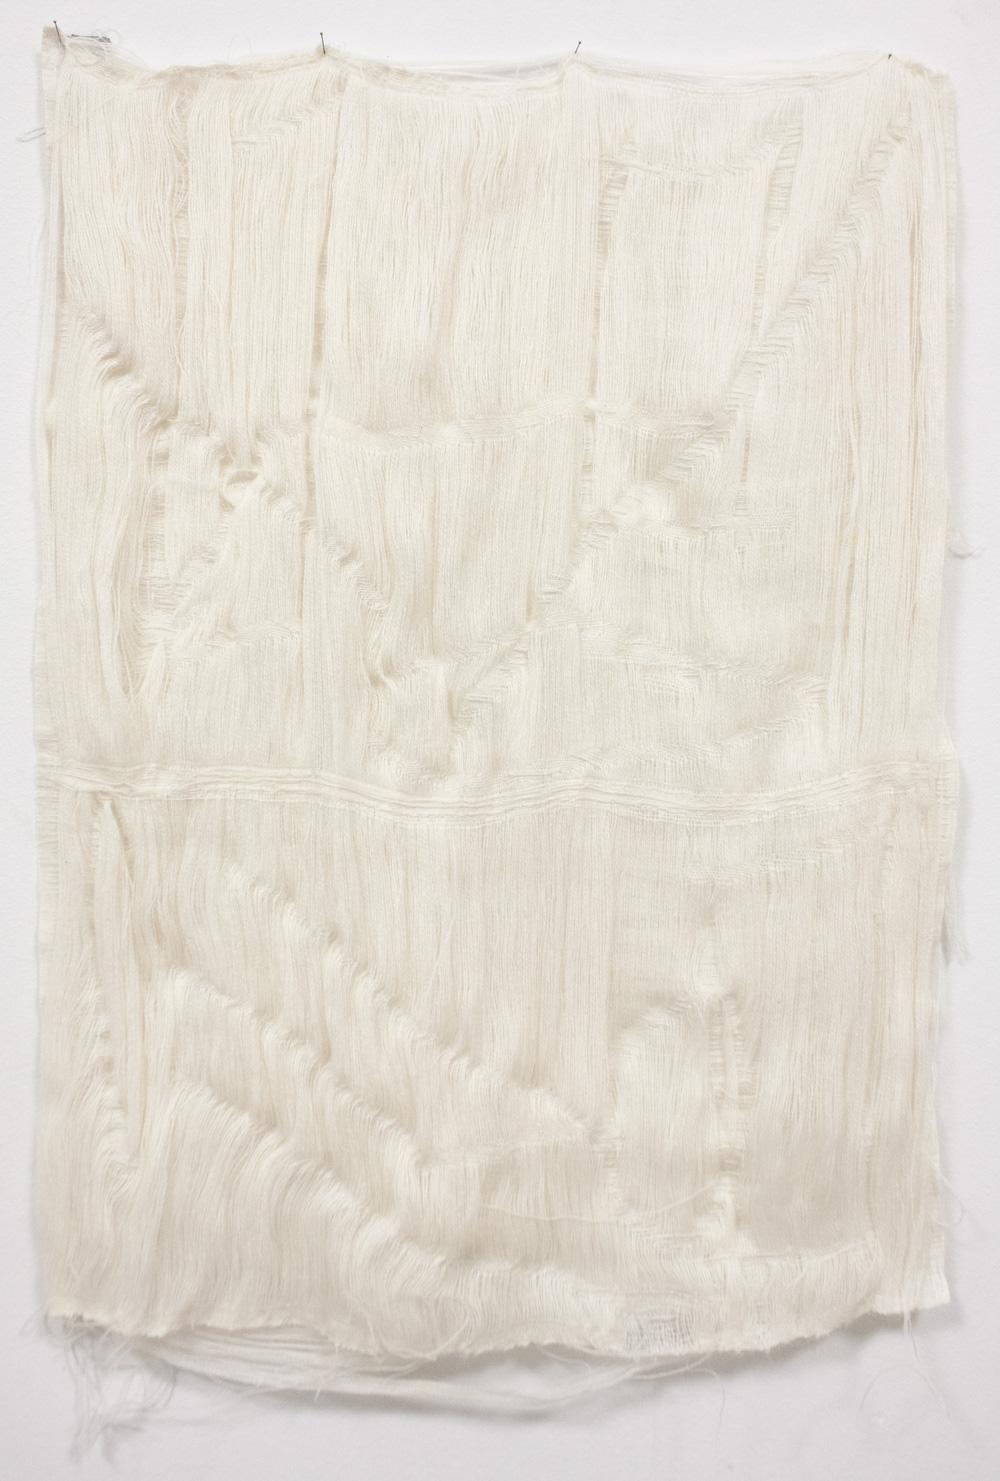 """:SceneCaptureType=""""sketches(2)"""" - wool, 2015"""